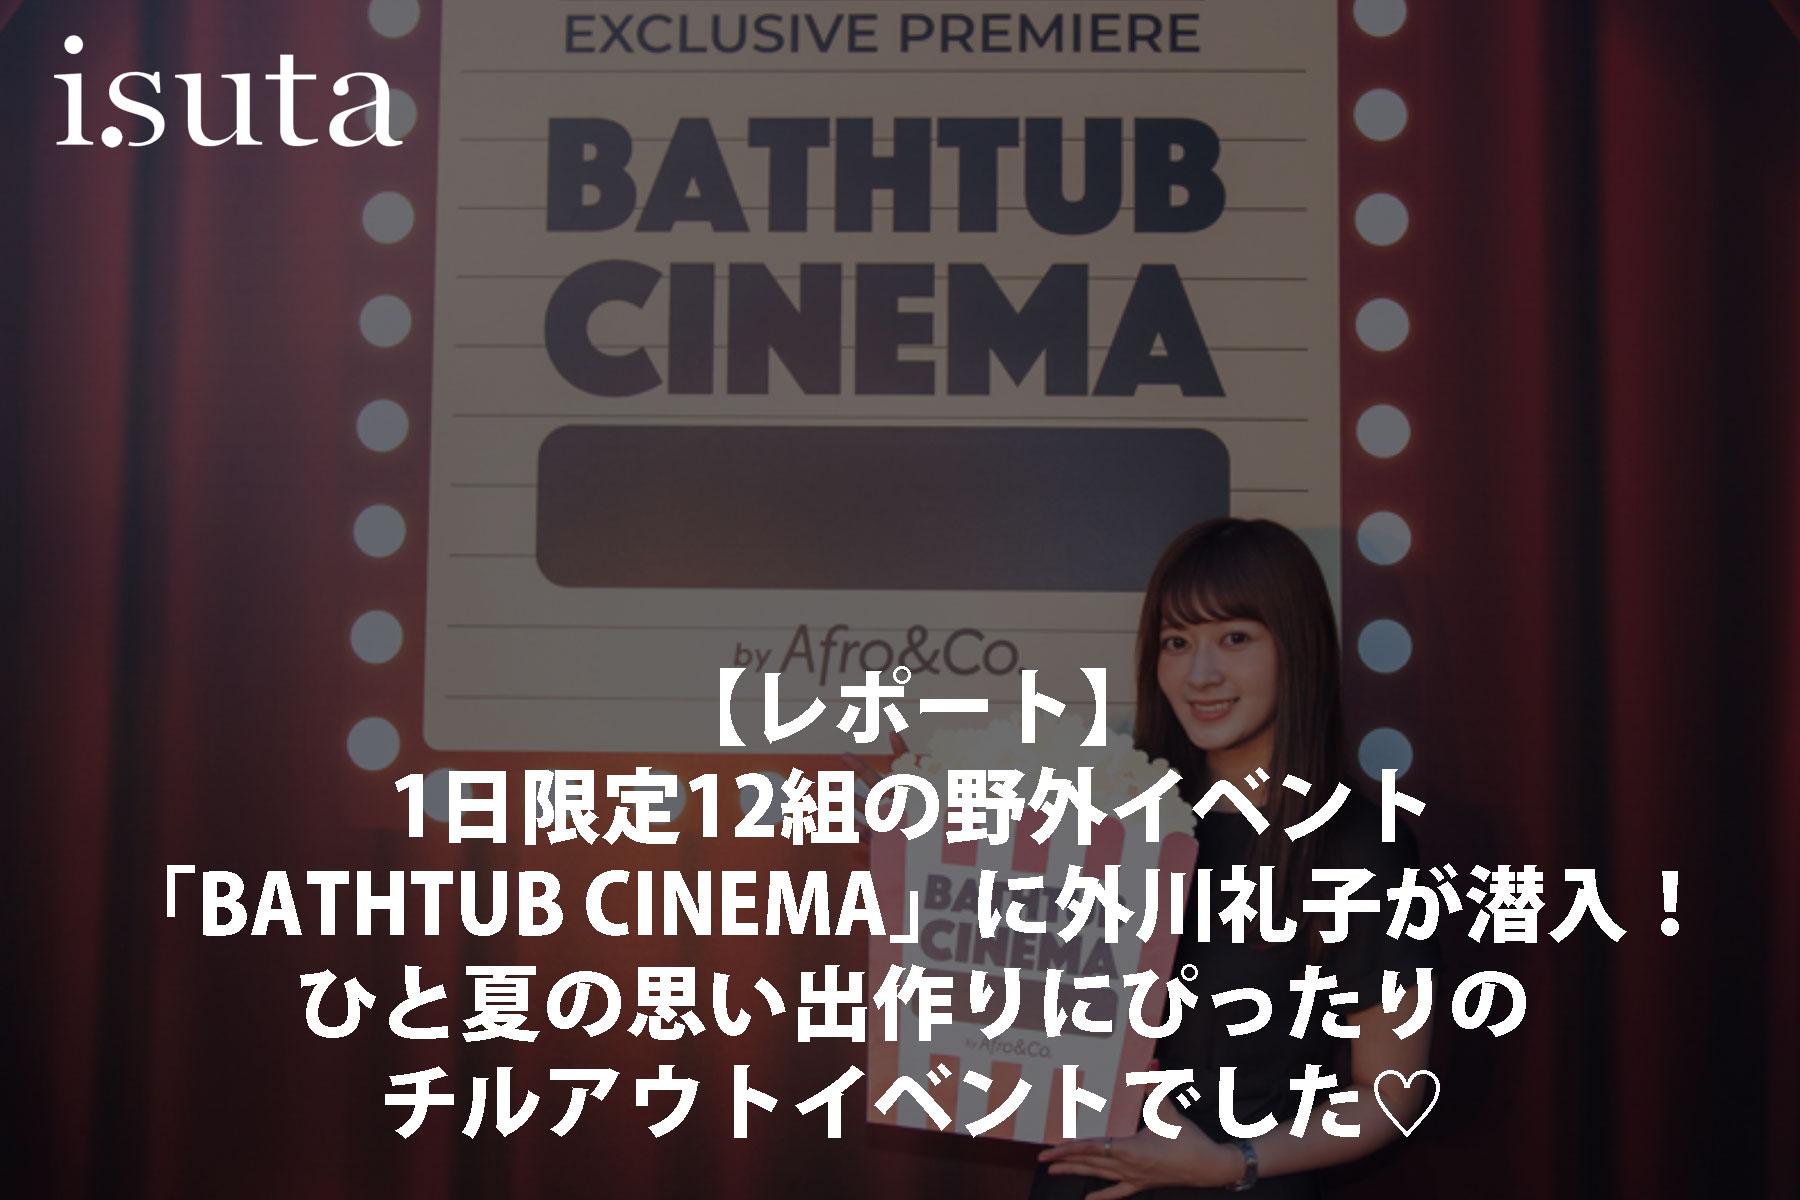 media_bathtubcinema_isuta